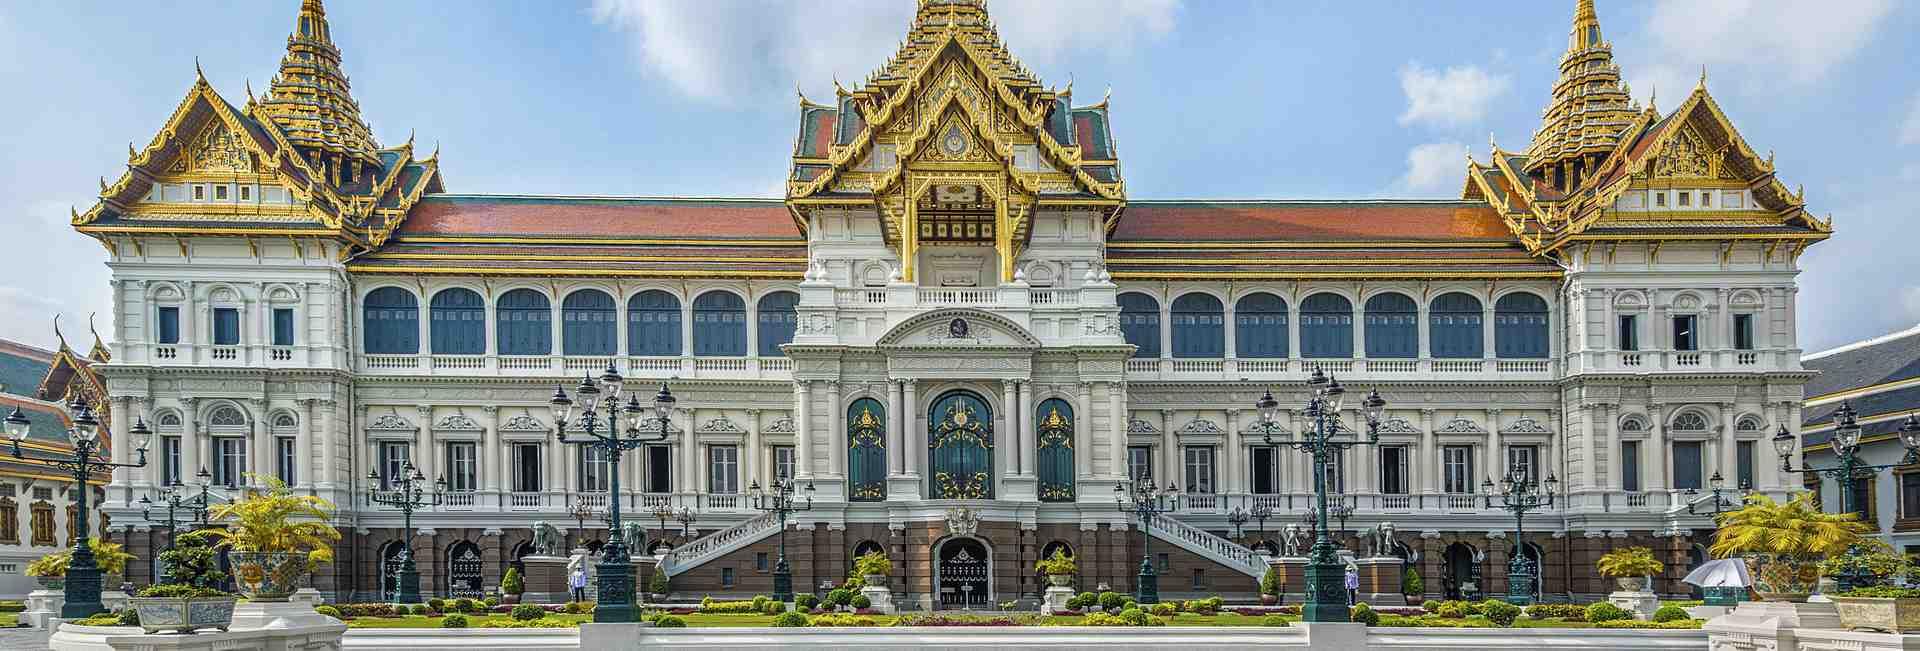 הארמון המלכותי בבנגקוק